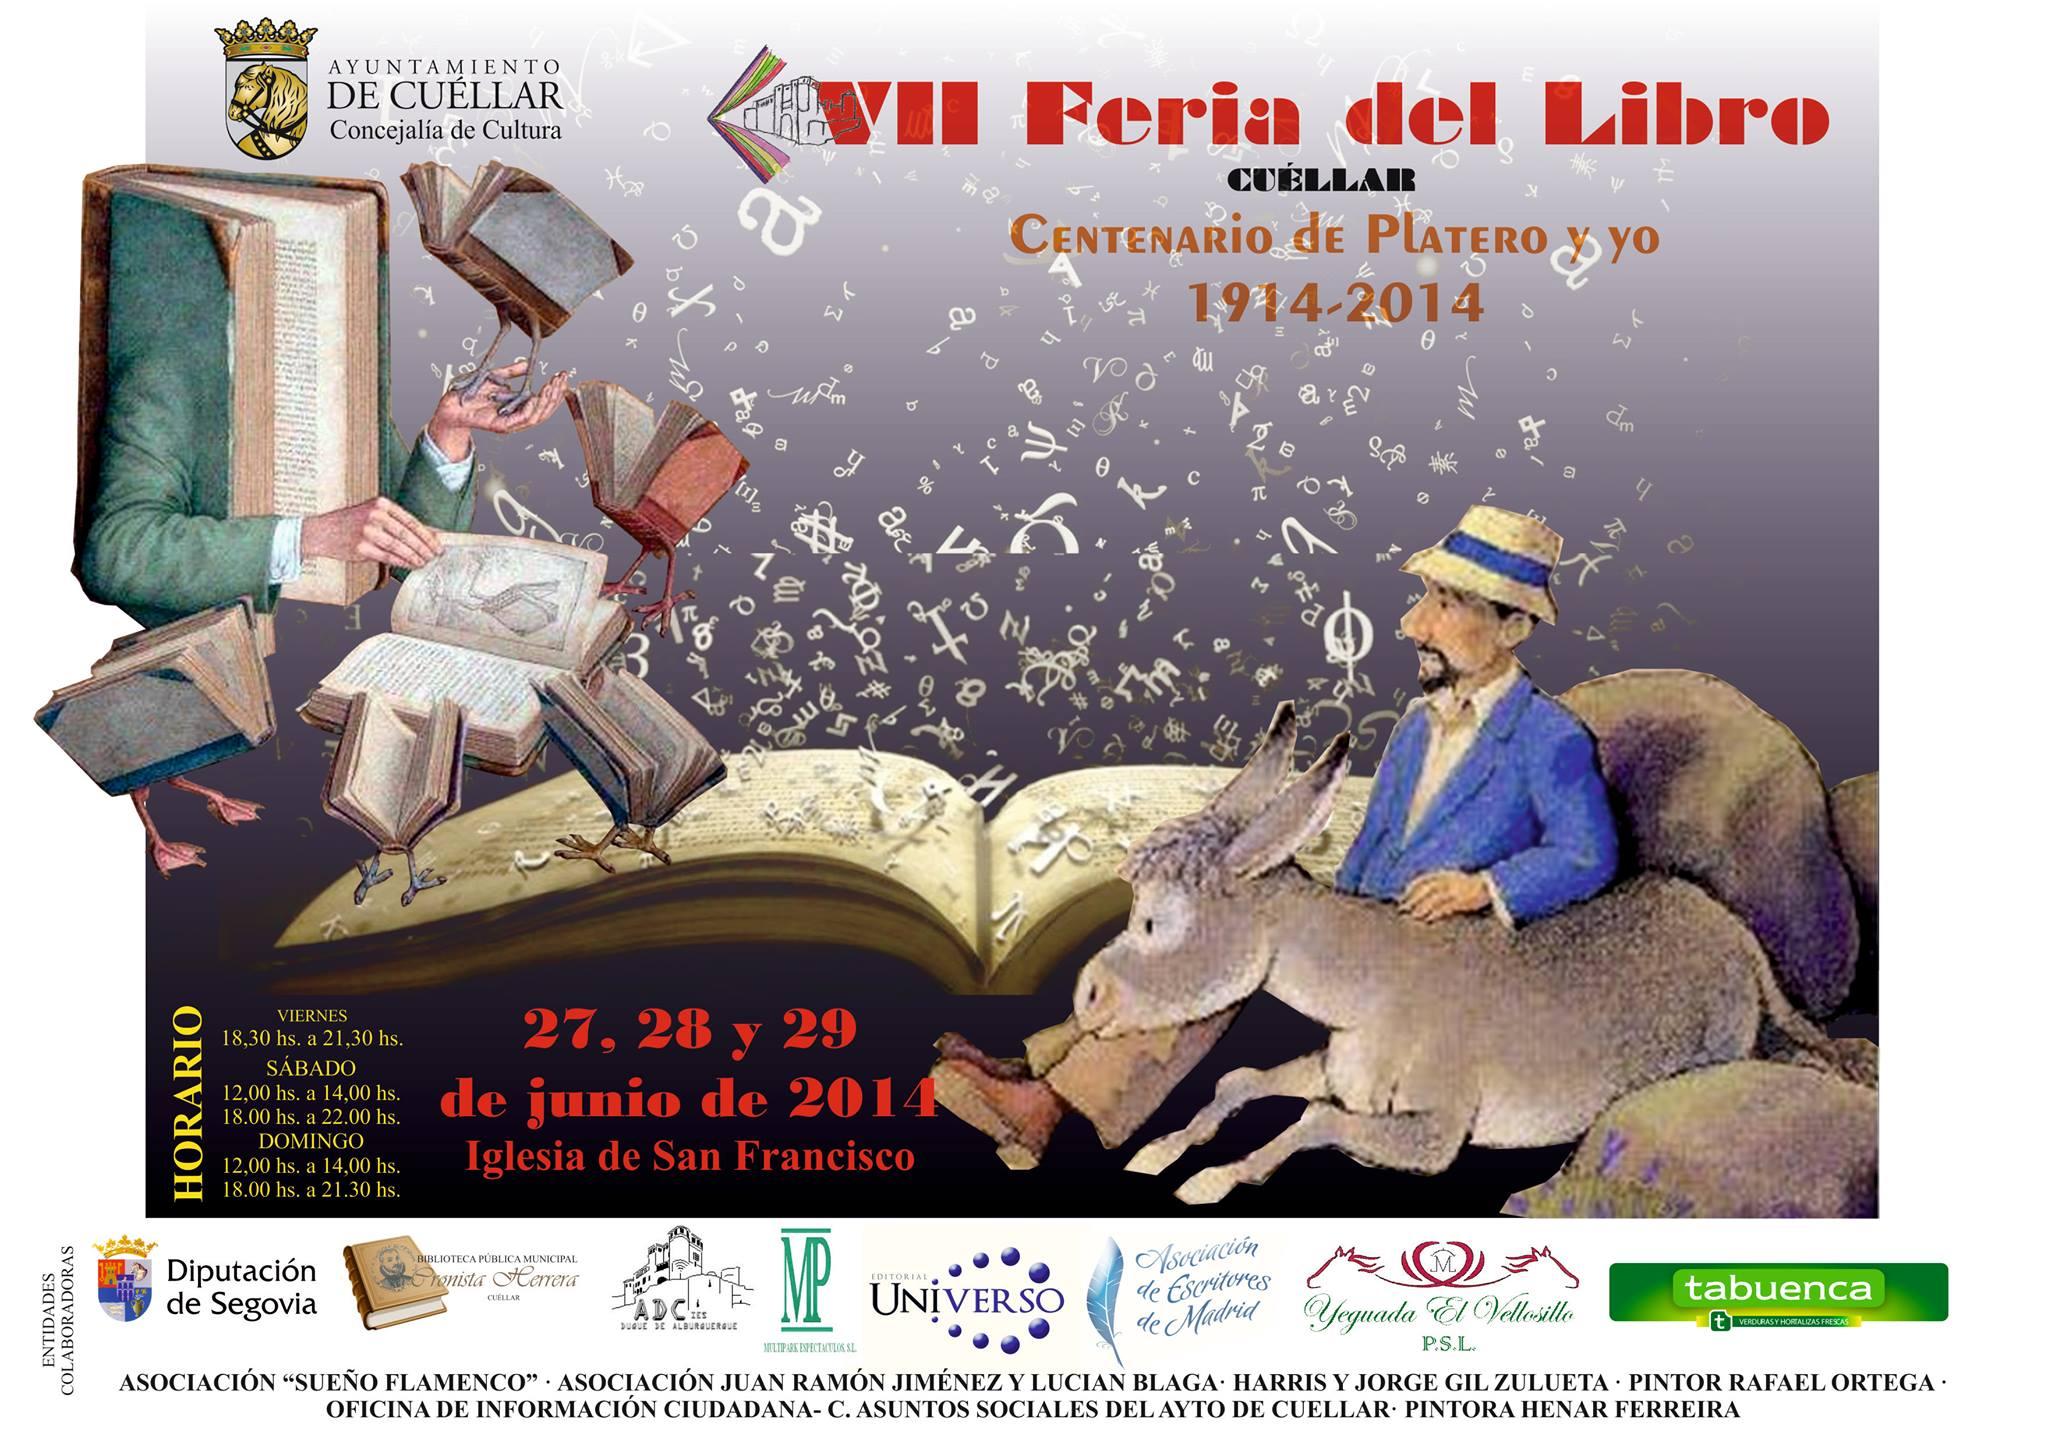 Los aniversarios literarios protagonizarán la VII Feria del Libro de Cuéllar